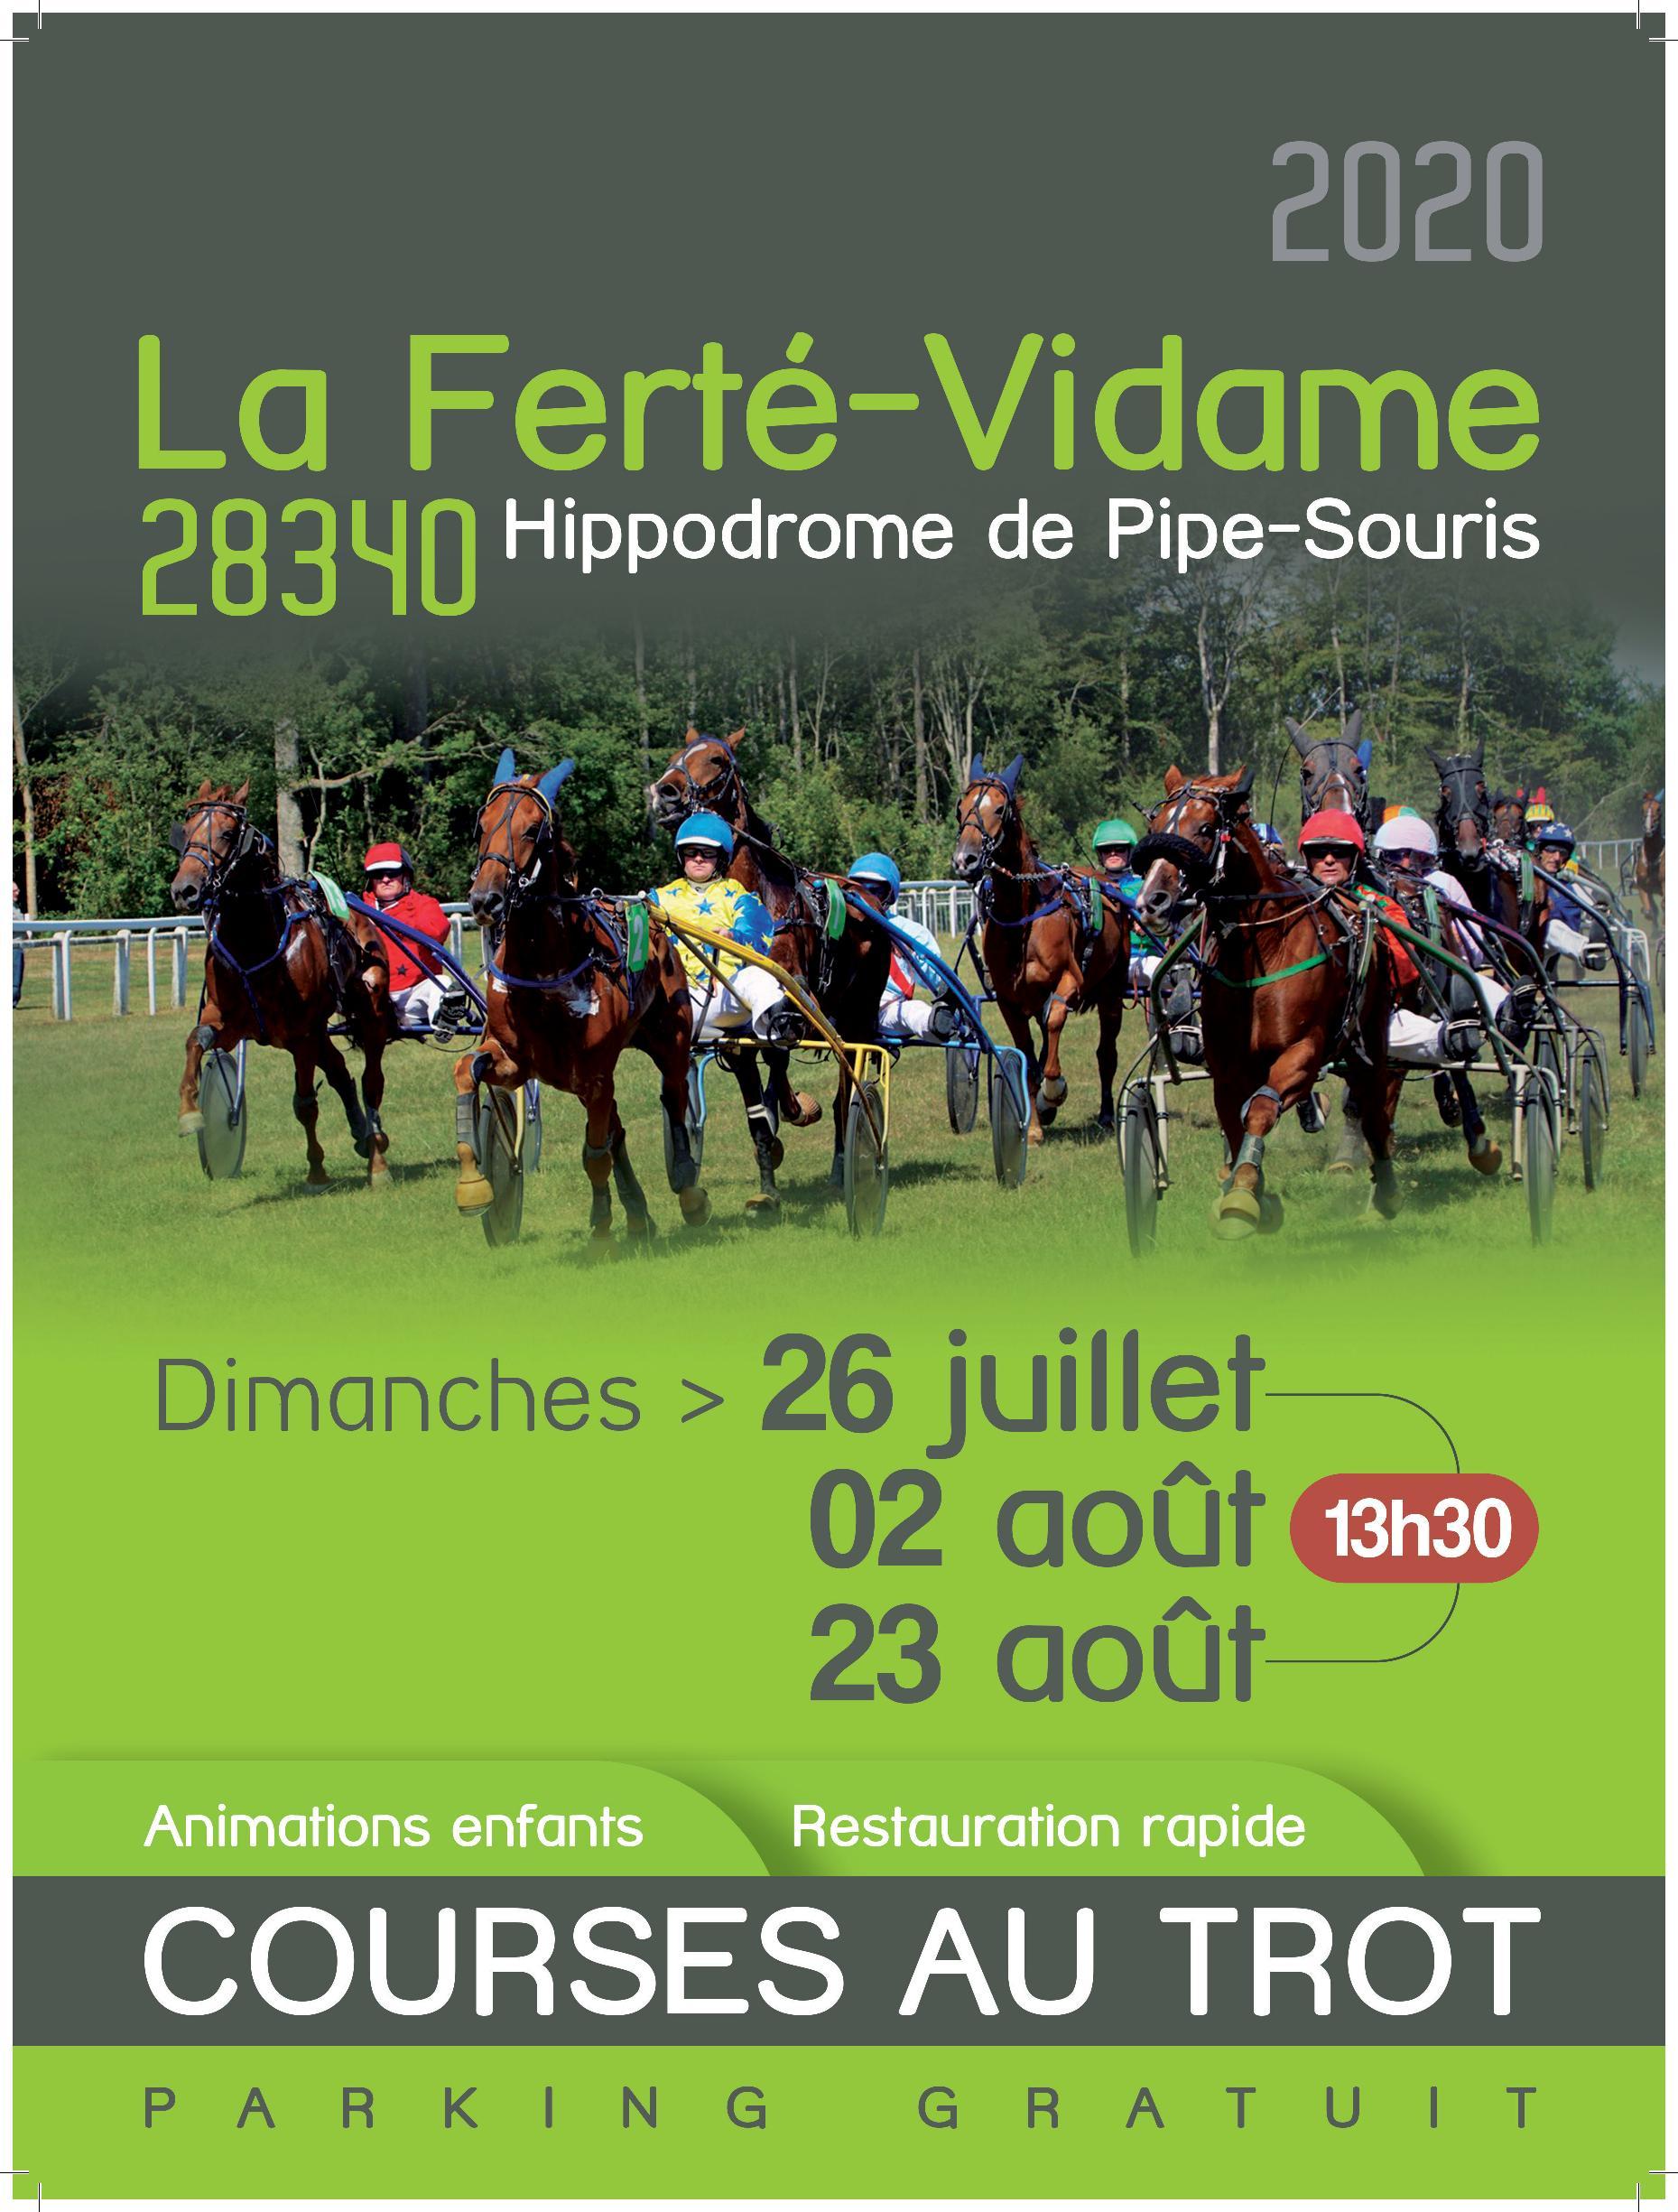 Réunions de courses sur l'hippodrome de la Ferté Vidame/Dreux